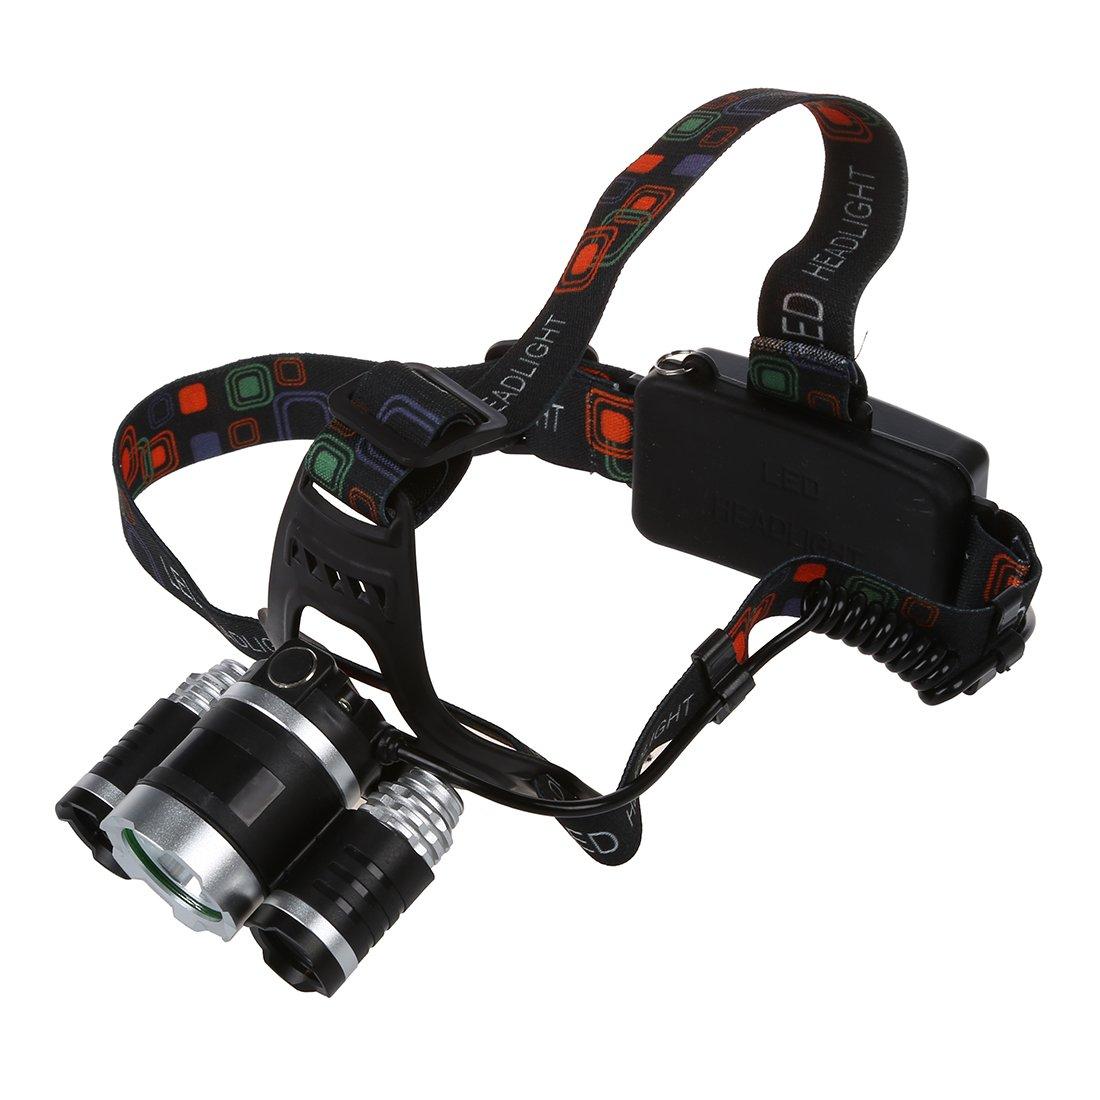 Faro - SODIAL(R)8000LM 3x LED XM-L T6 Lampara de cabeza de foco Faro Antorcha de cabeza de zoom Luz de Flash Negro: Amazon.es: Deportes y aire libre